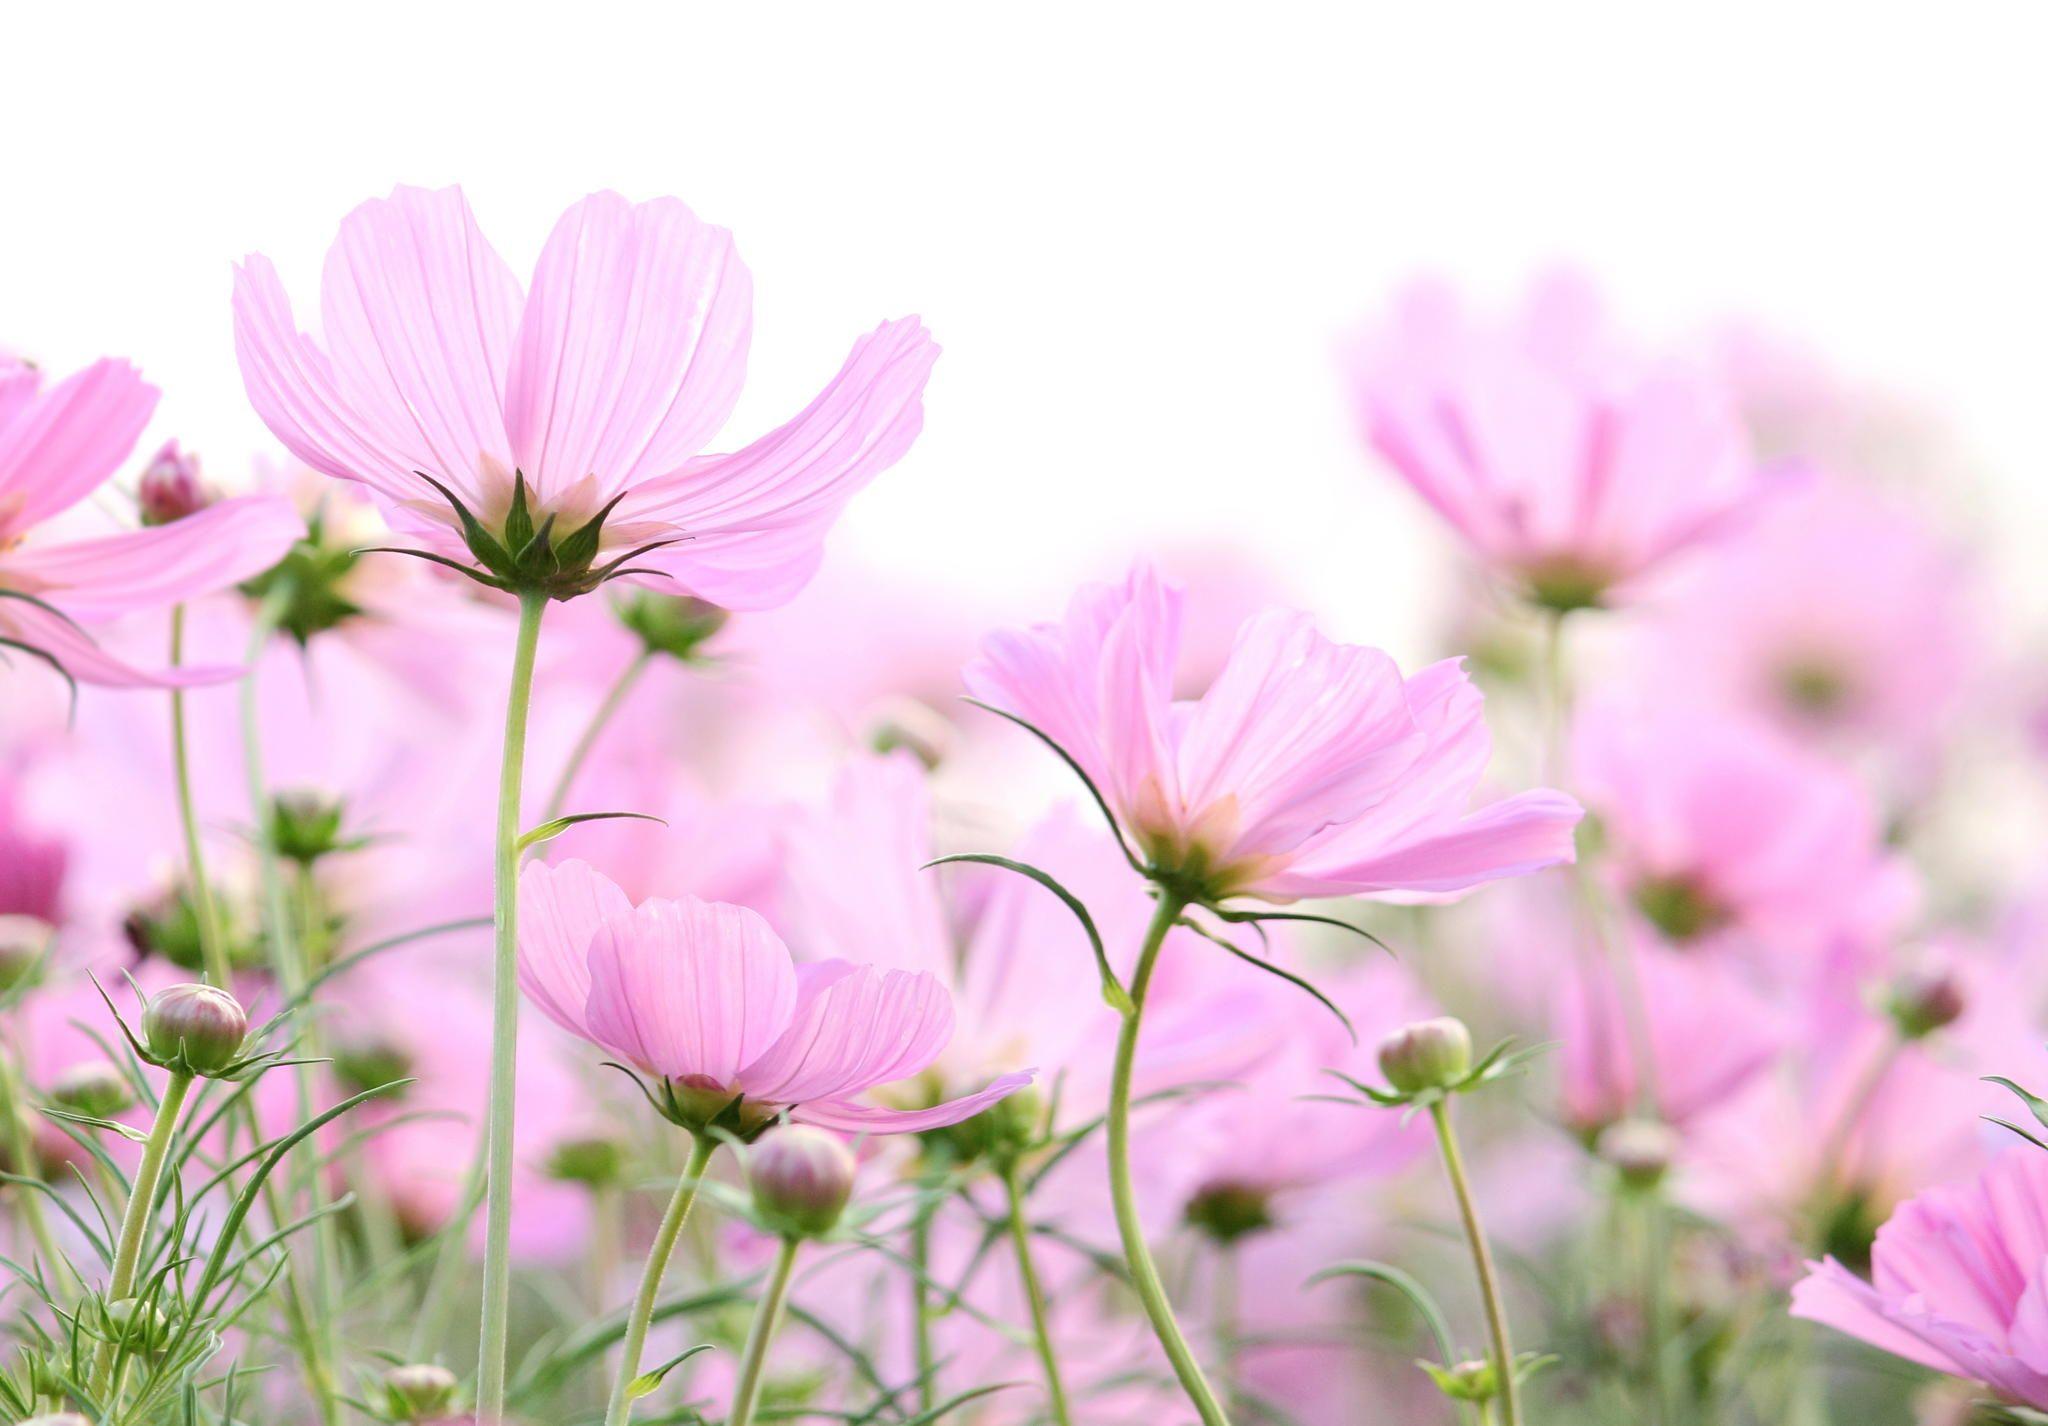 Cosmos Flowers Isolated On White By Natthawut Punyosaeng On 500px